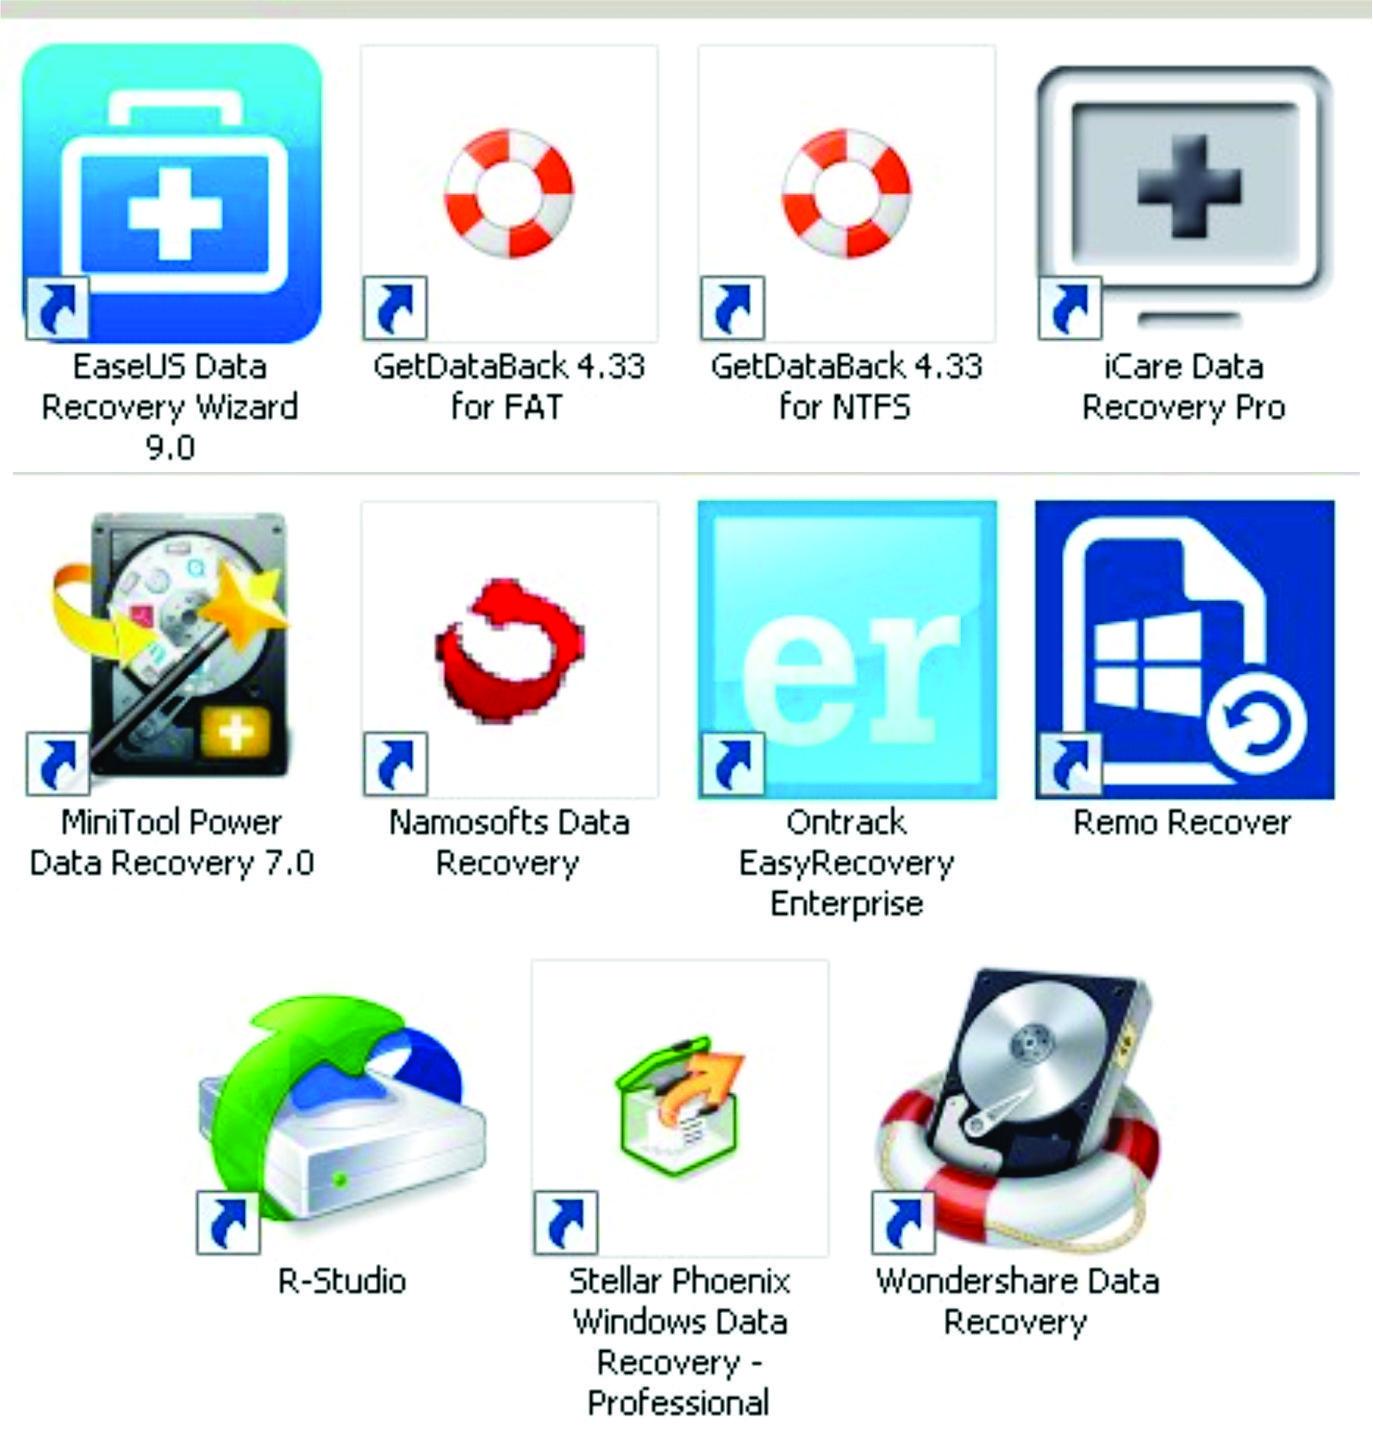 Aplikasi Terbaik Tuk Recovery Memulihkan Mengembalikan Data pojok cyber EaseUS Data Recovery Wizard GetDataBack iCare Data